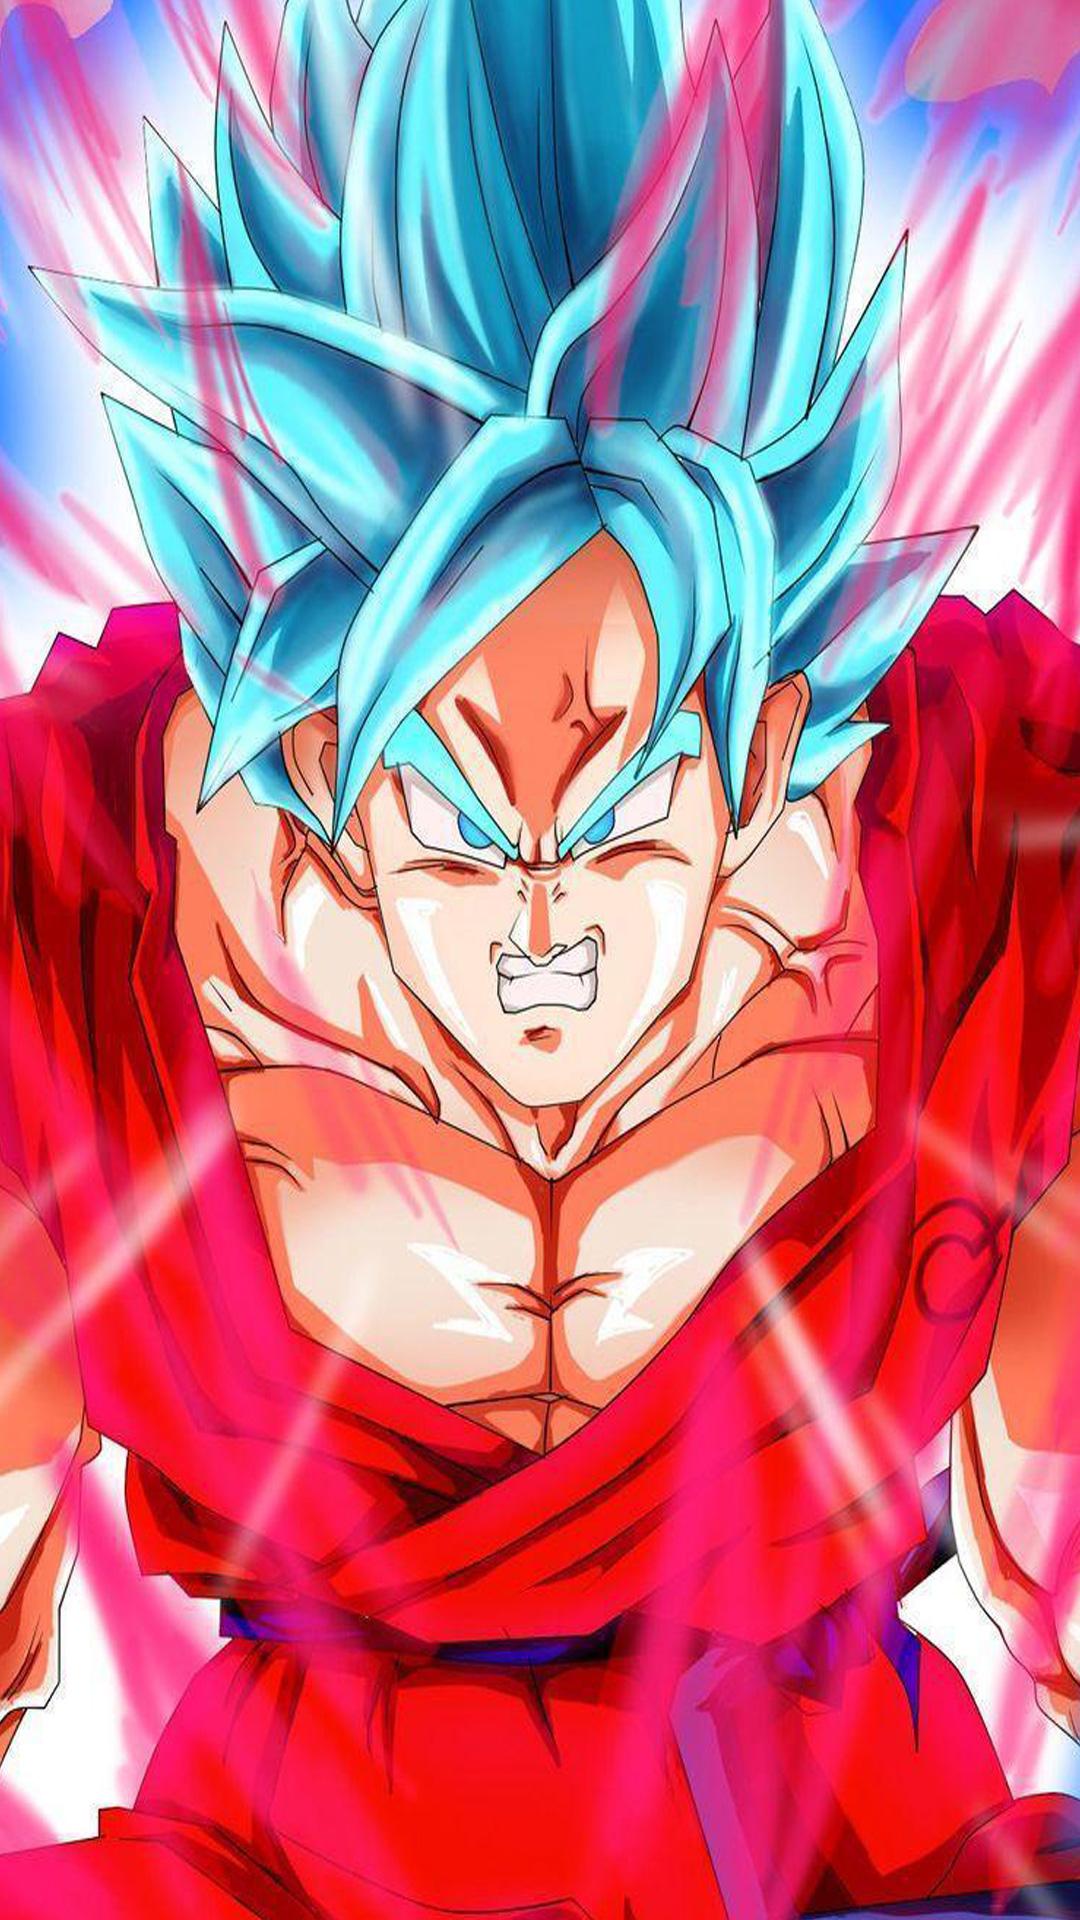 Windows Goku Super Saiyan Kaioken